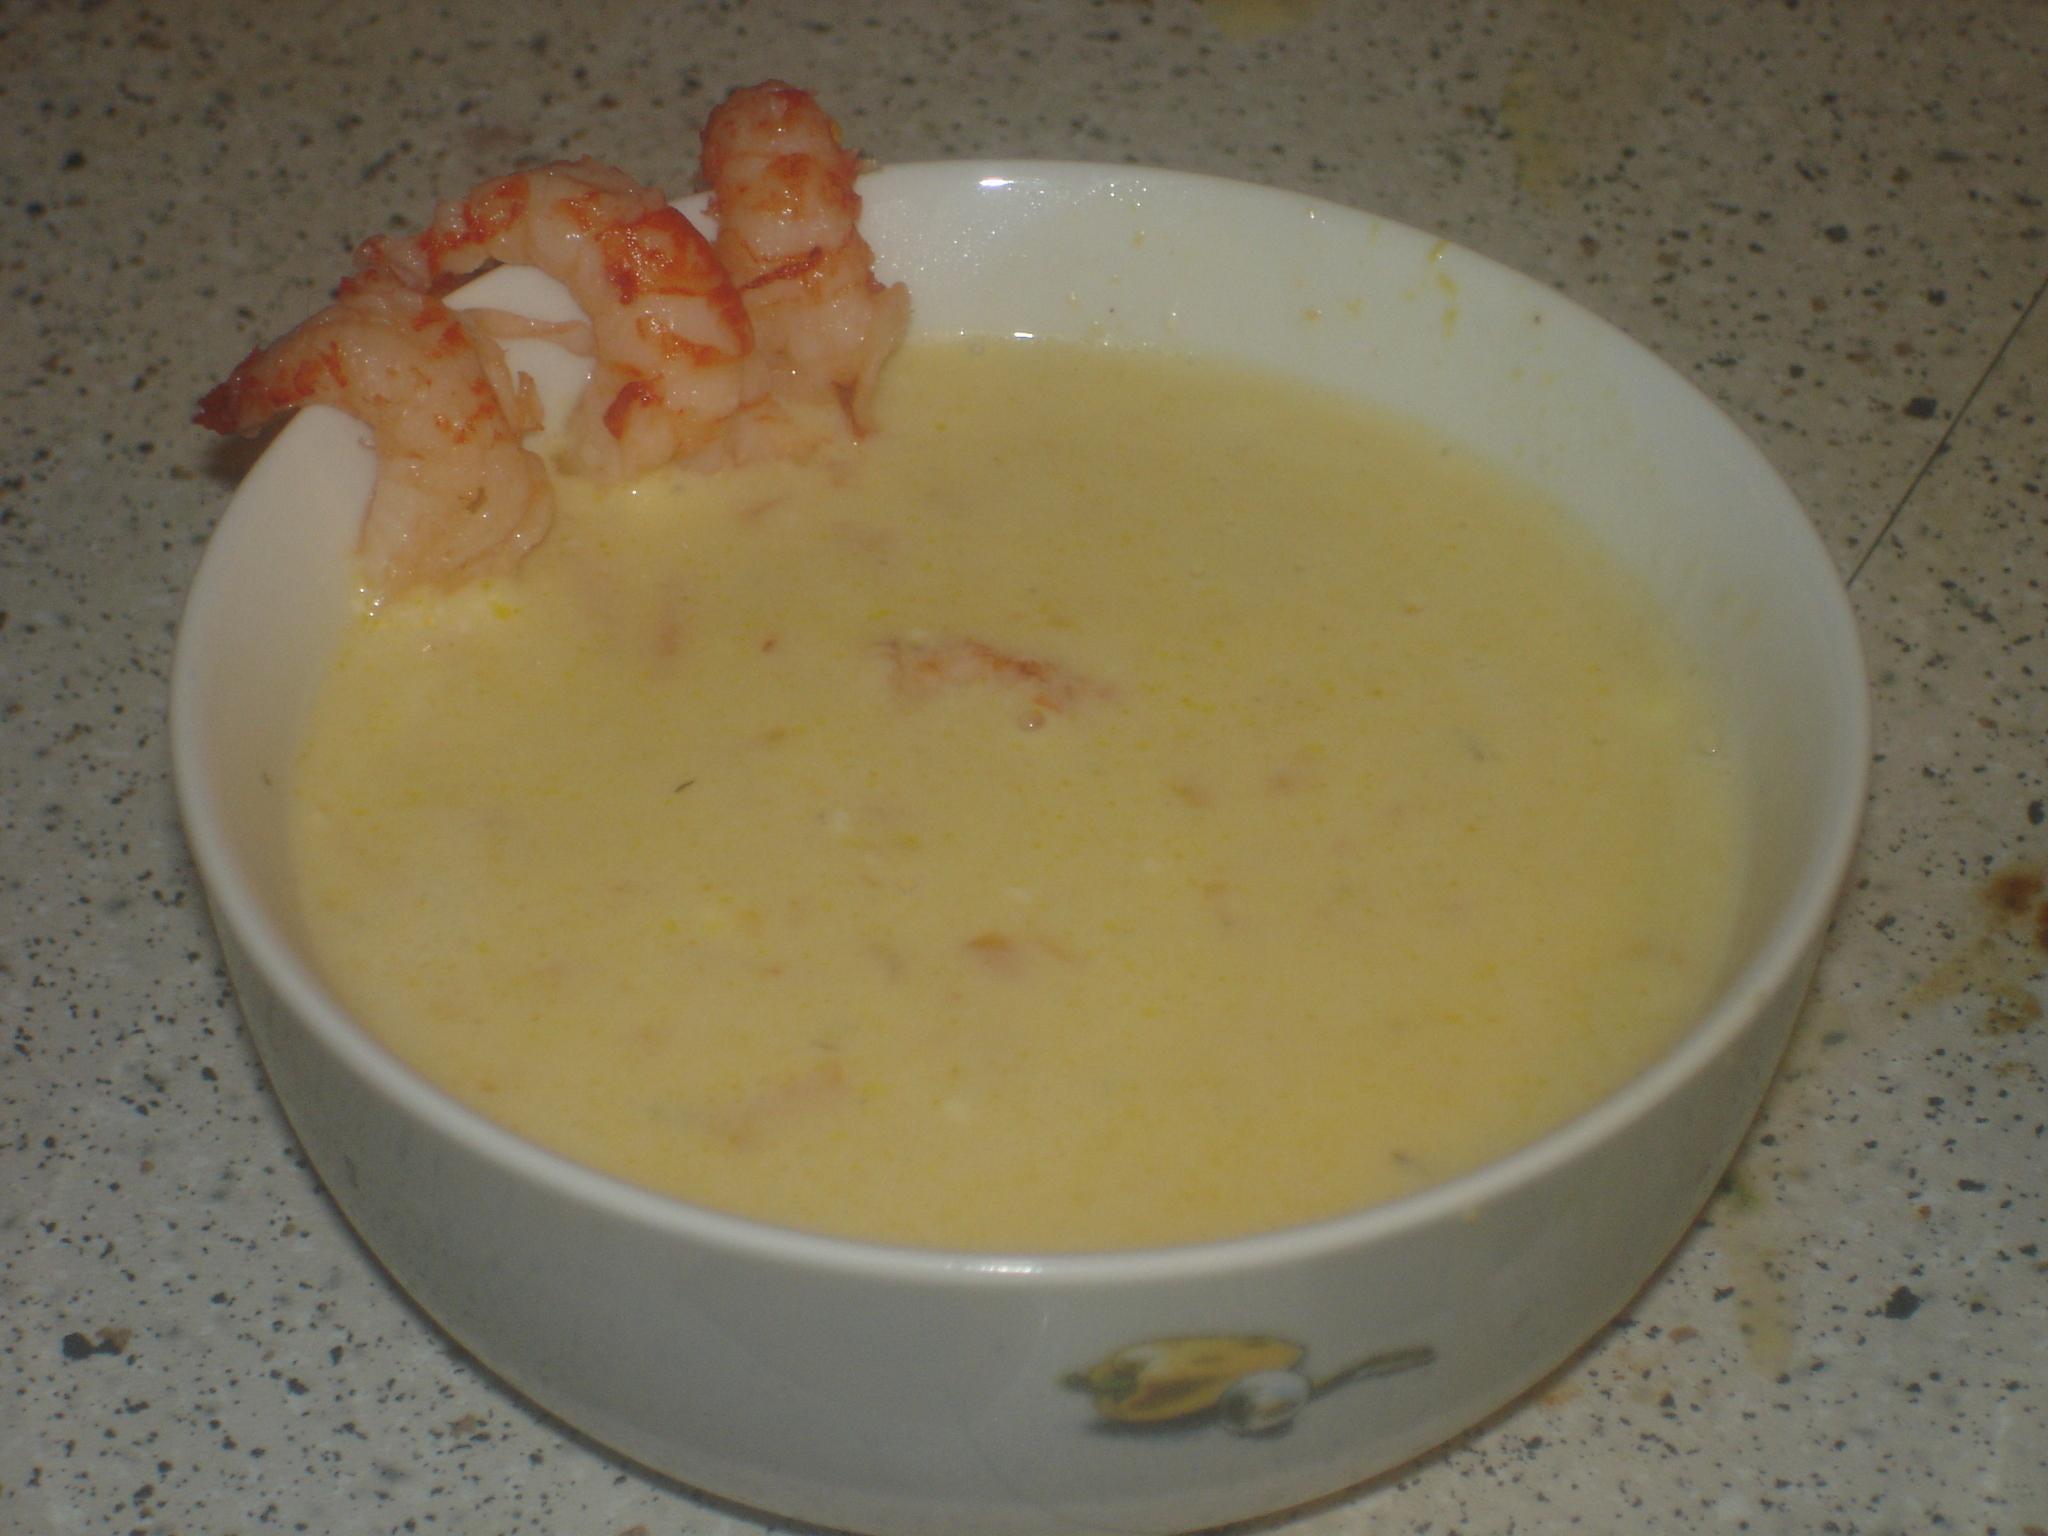 kräftost soppa med kräftstjärtar